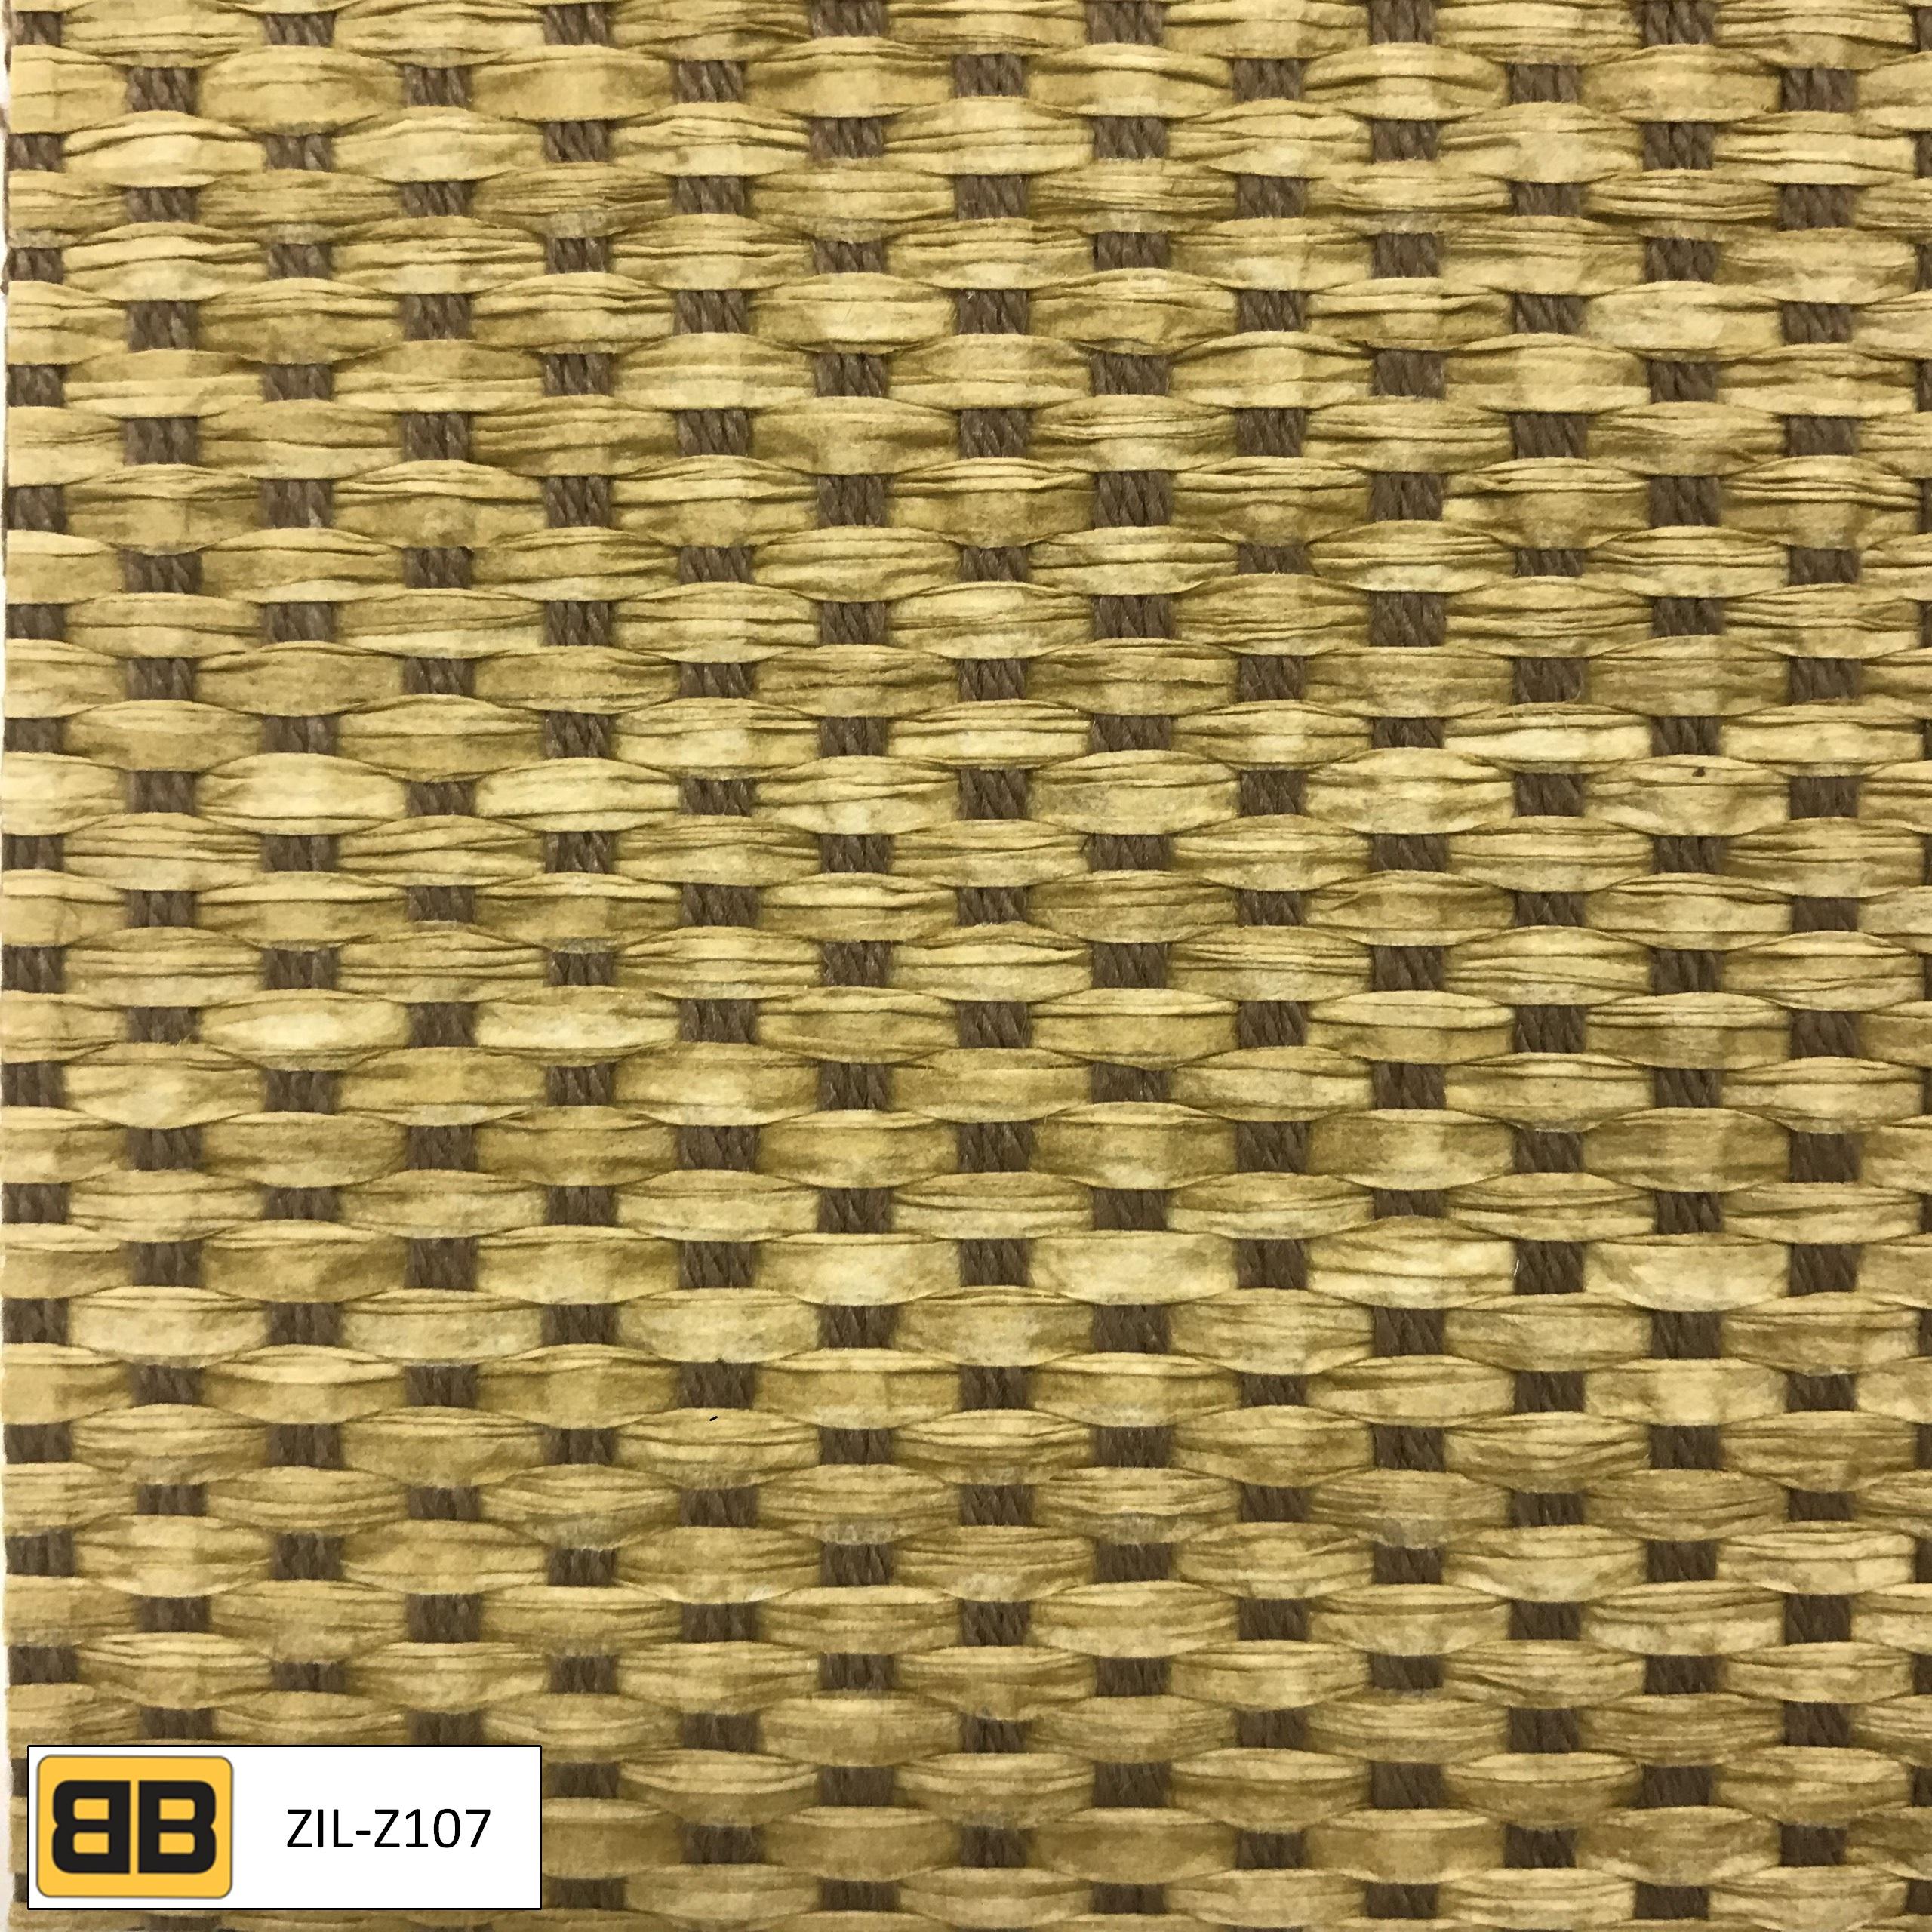 BB ZIL-Z107